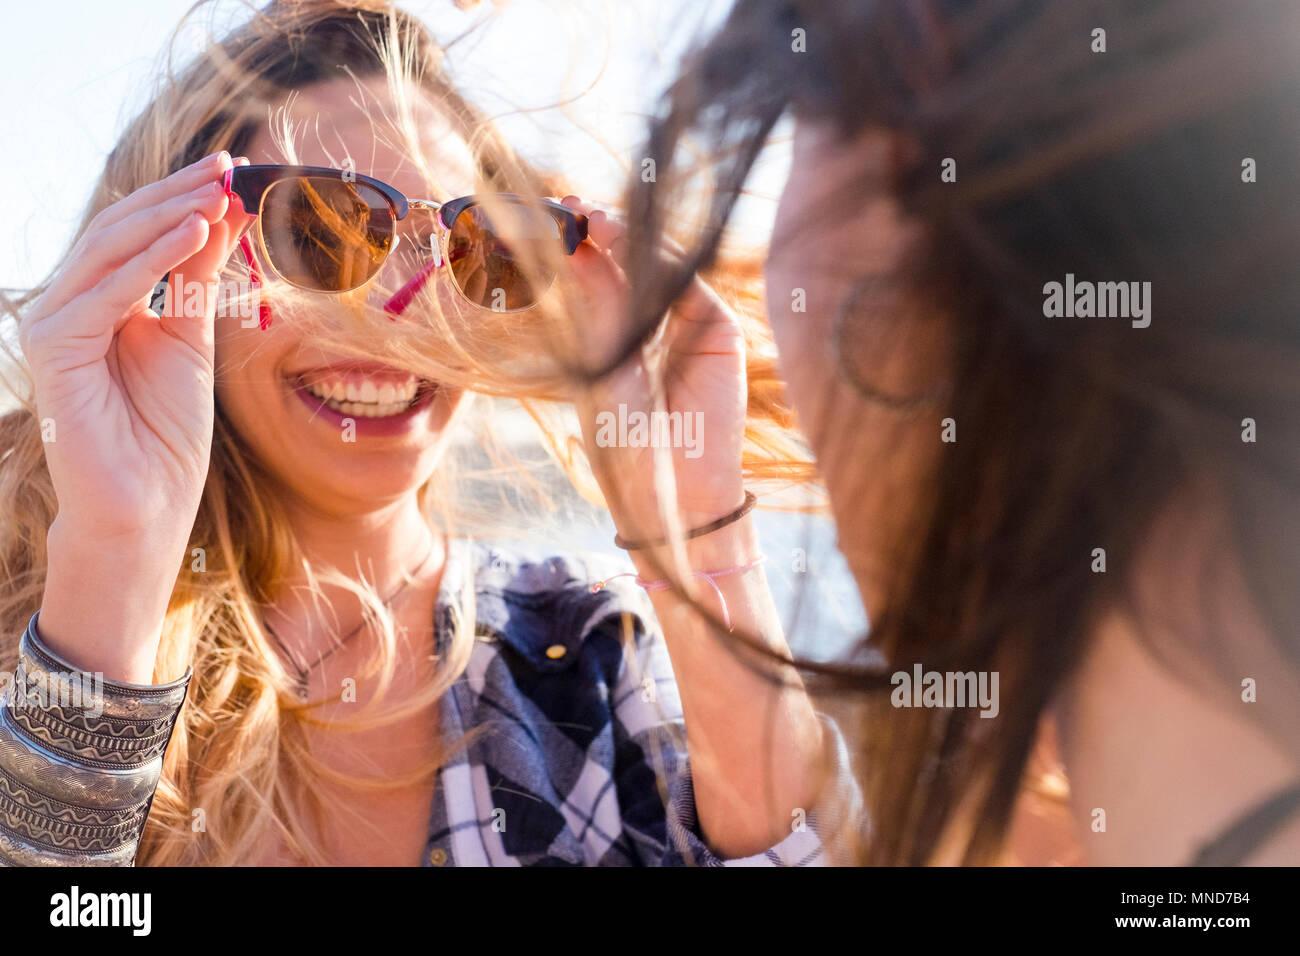 Deux belles jeunes femmes plus eux-mêmes jusqu'à lunettes d'une journée ensoleillée. Beau sourire vue du dos d'une femme. L'amitié entre deux l'espagnol Photo Stock